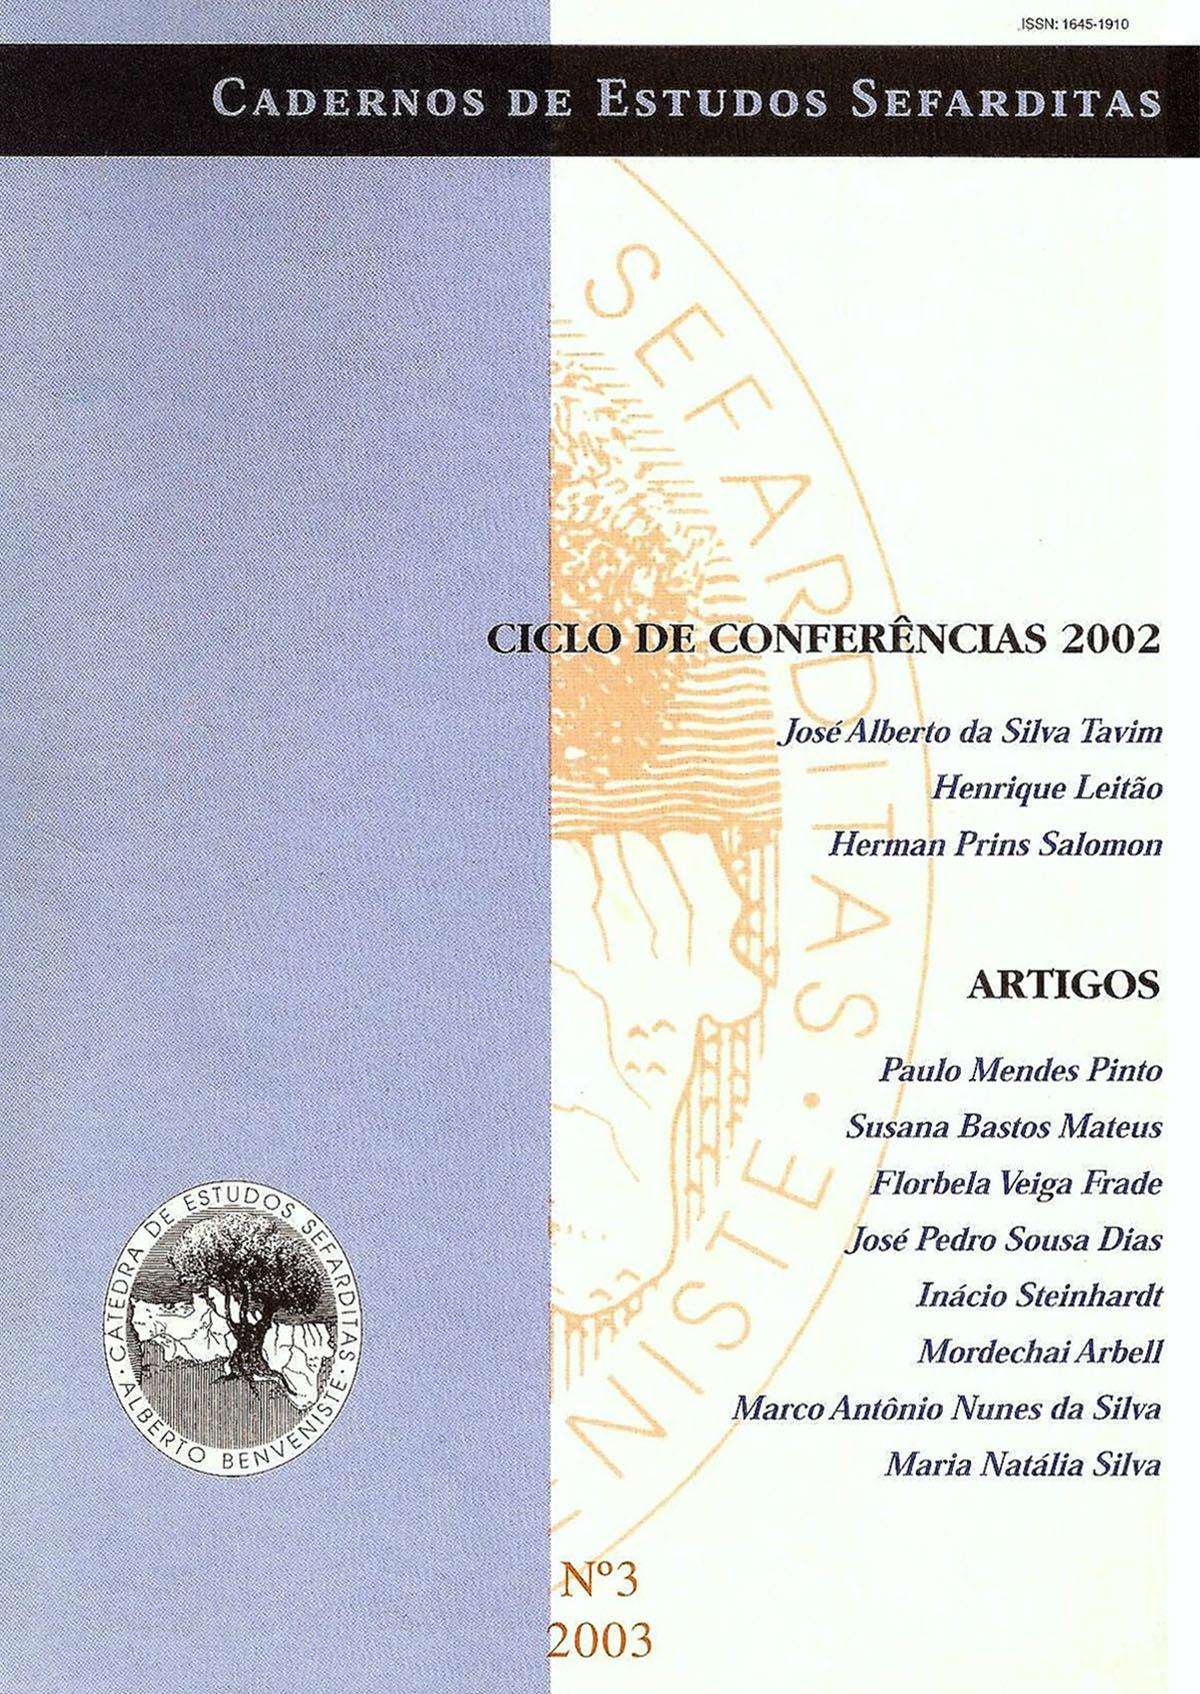 Nº3 / 2003